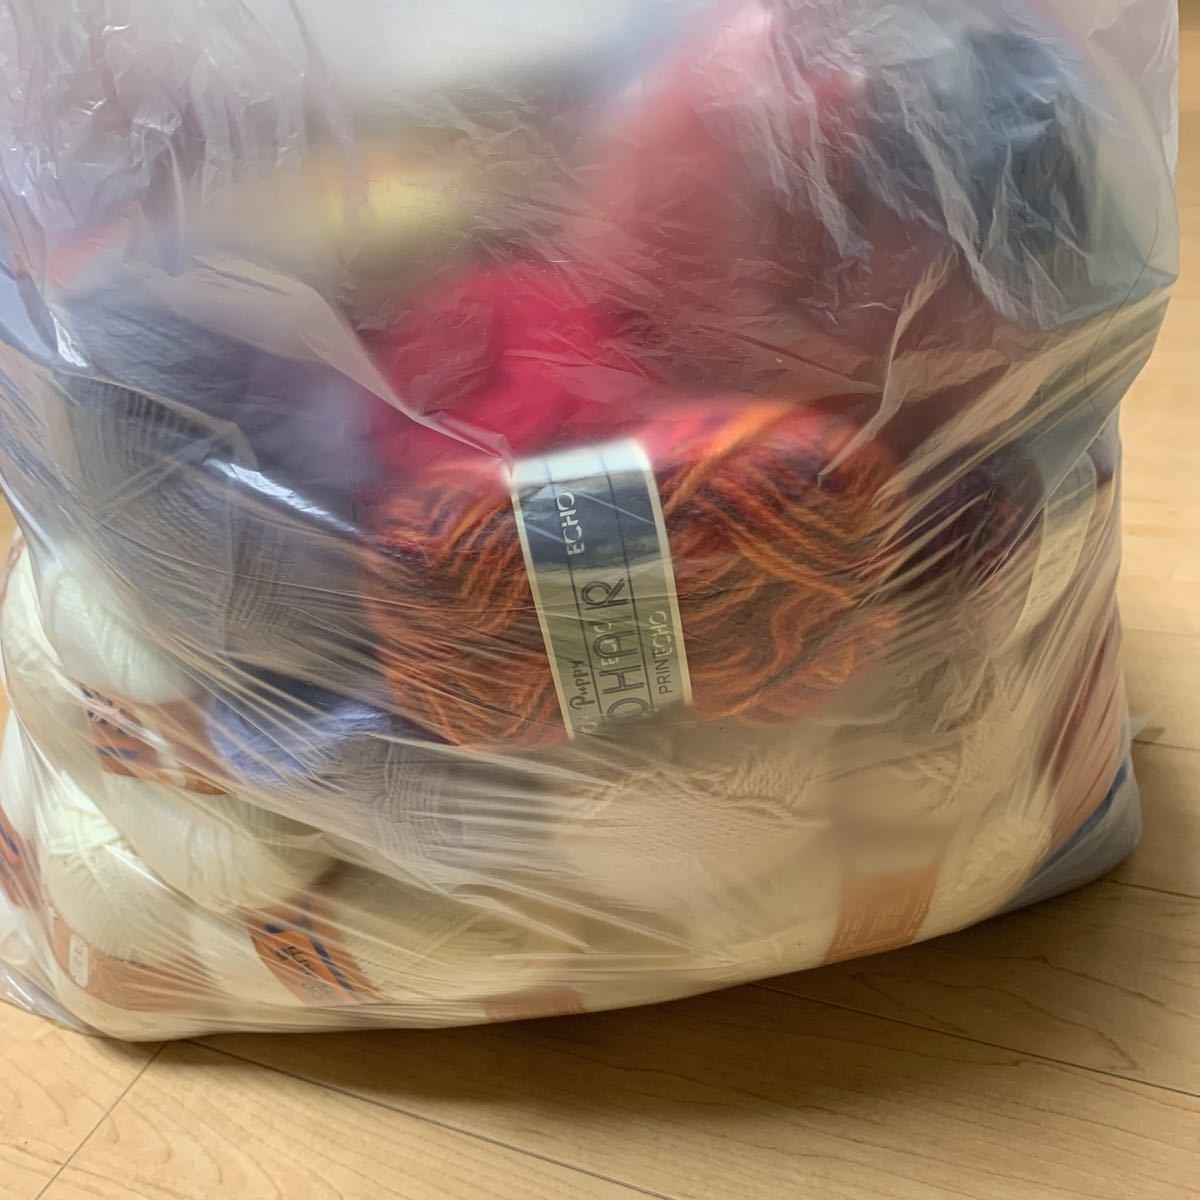 送料込!140サイズ!毛糸 まとめて まとめ売り 大量 編み針 かぎ針 ジャンク品 経年保管品 中古 編み物 手編み _画像3